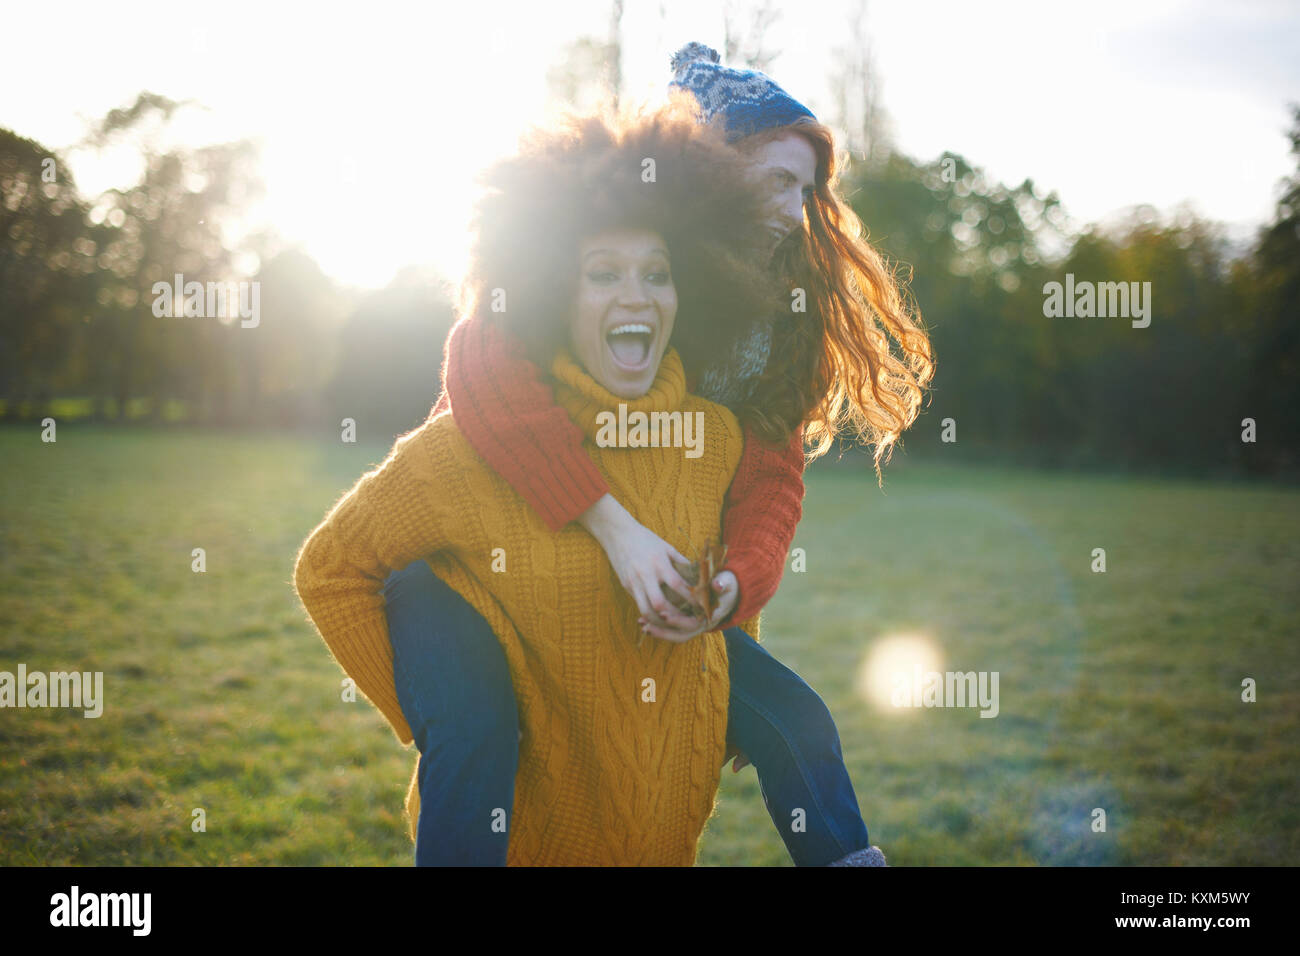 Zwei junge Frauen, die in der ländlichen Umgebung, junge Frau, Freund piggyback Ride Stockbild